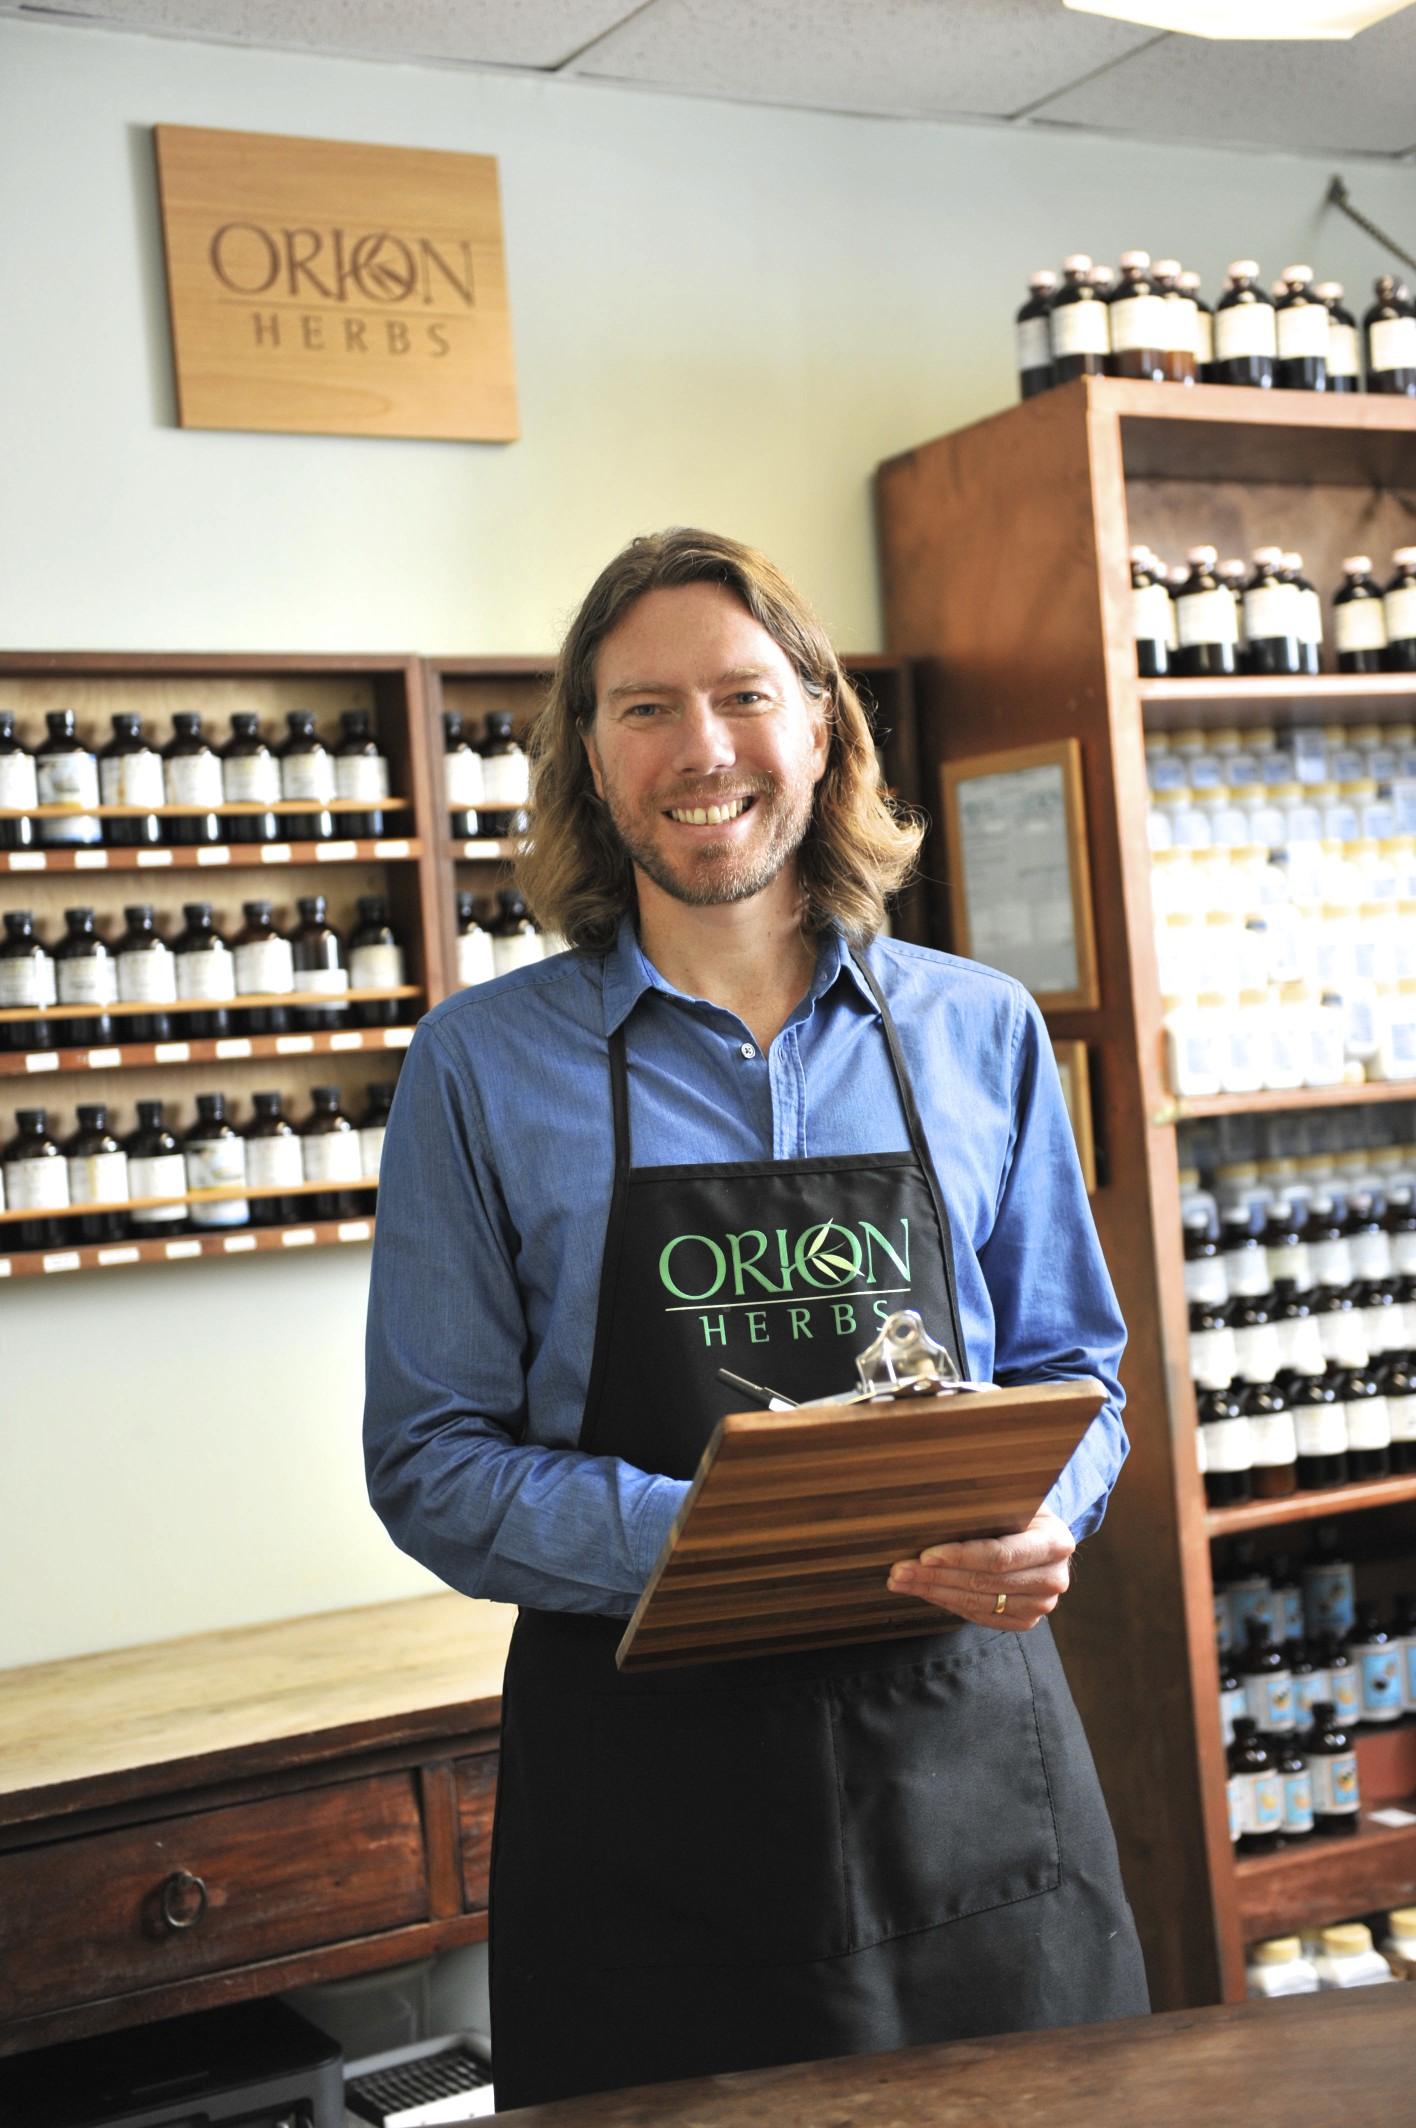 Orion, Orion@Orionherbs.com